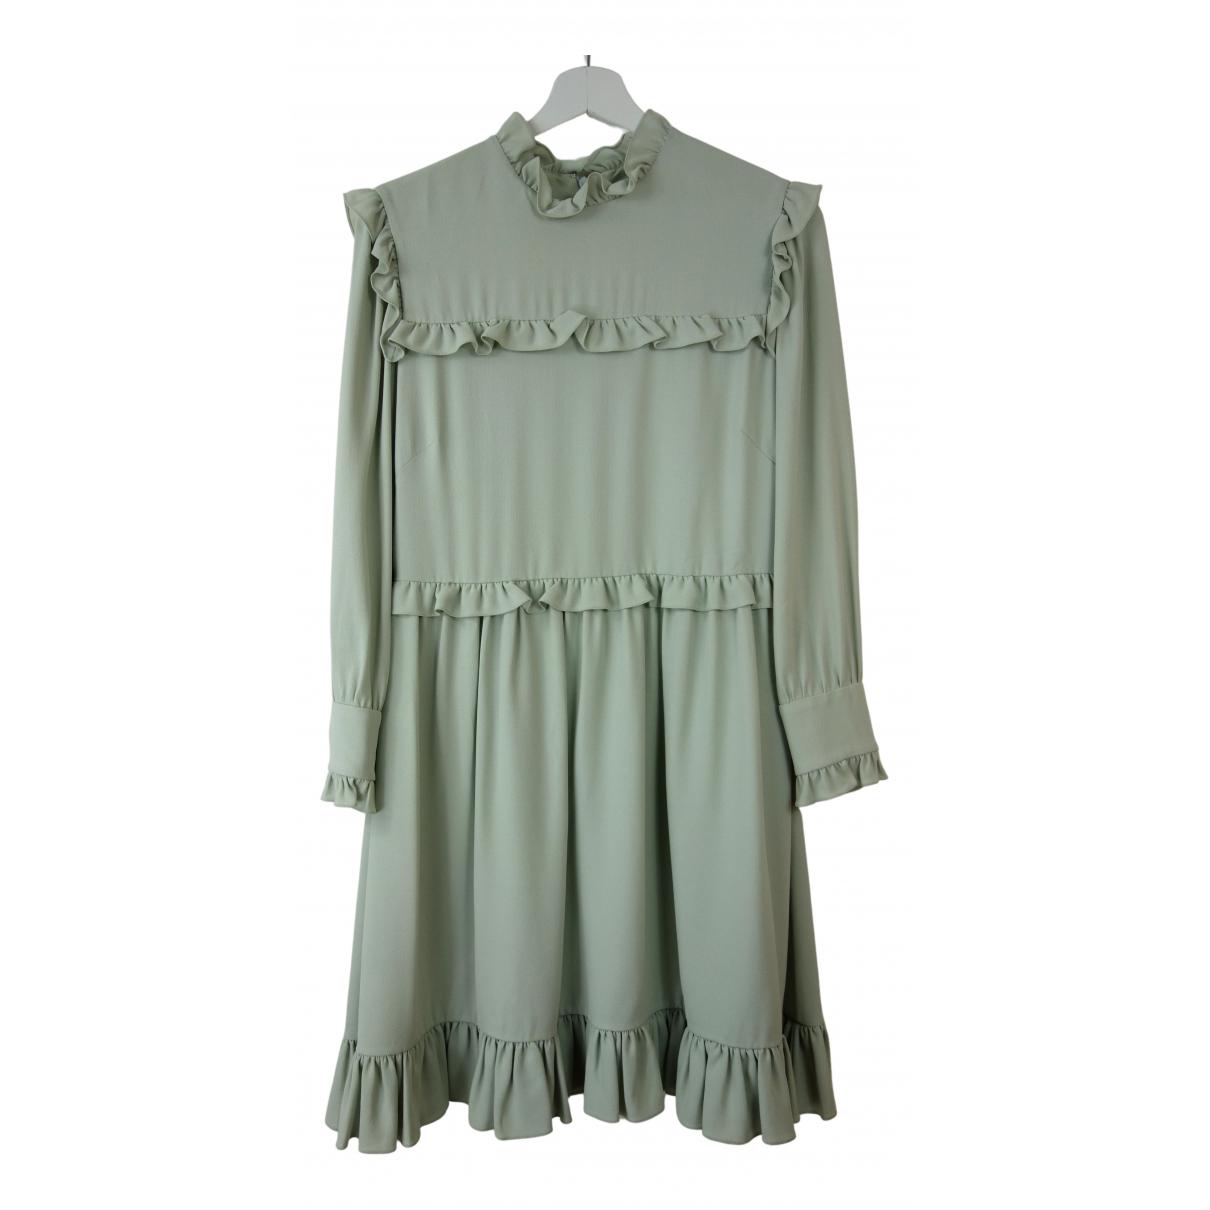 Vestido midi Christian Dior